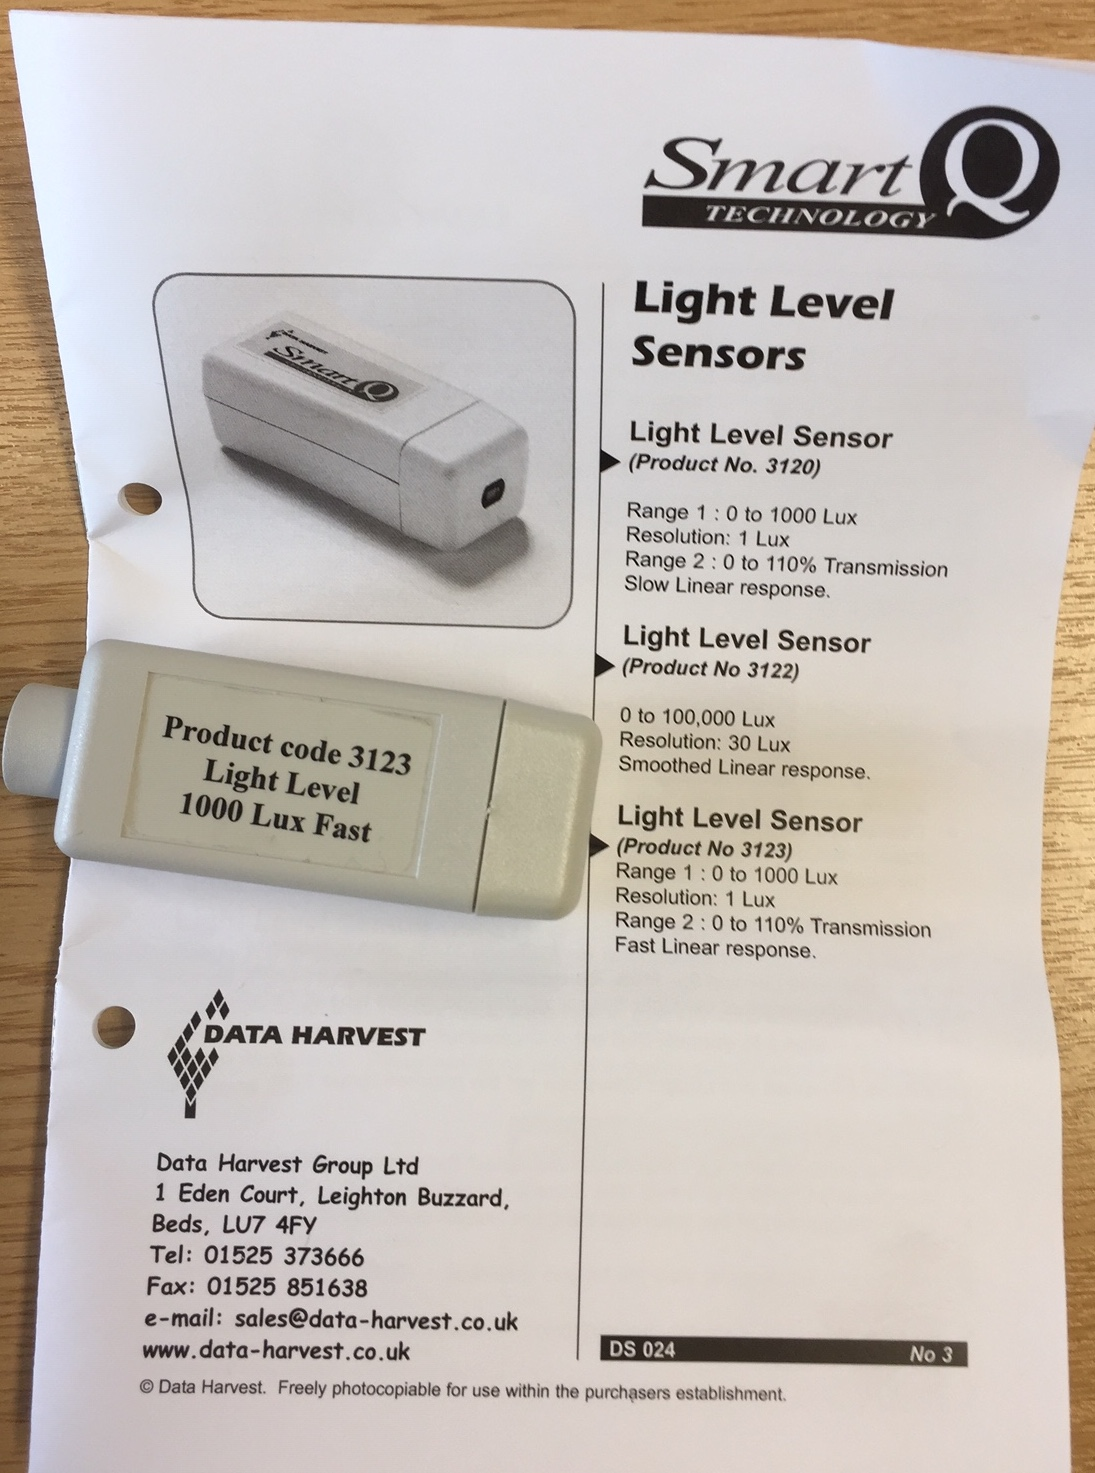 Light level sensor